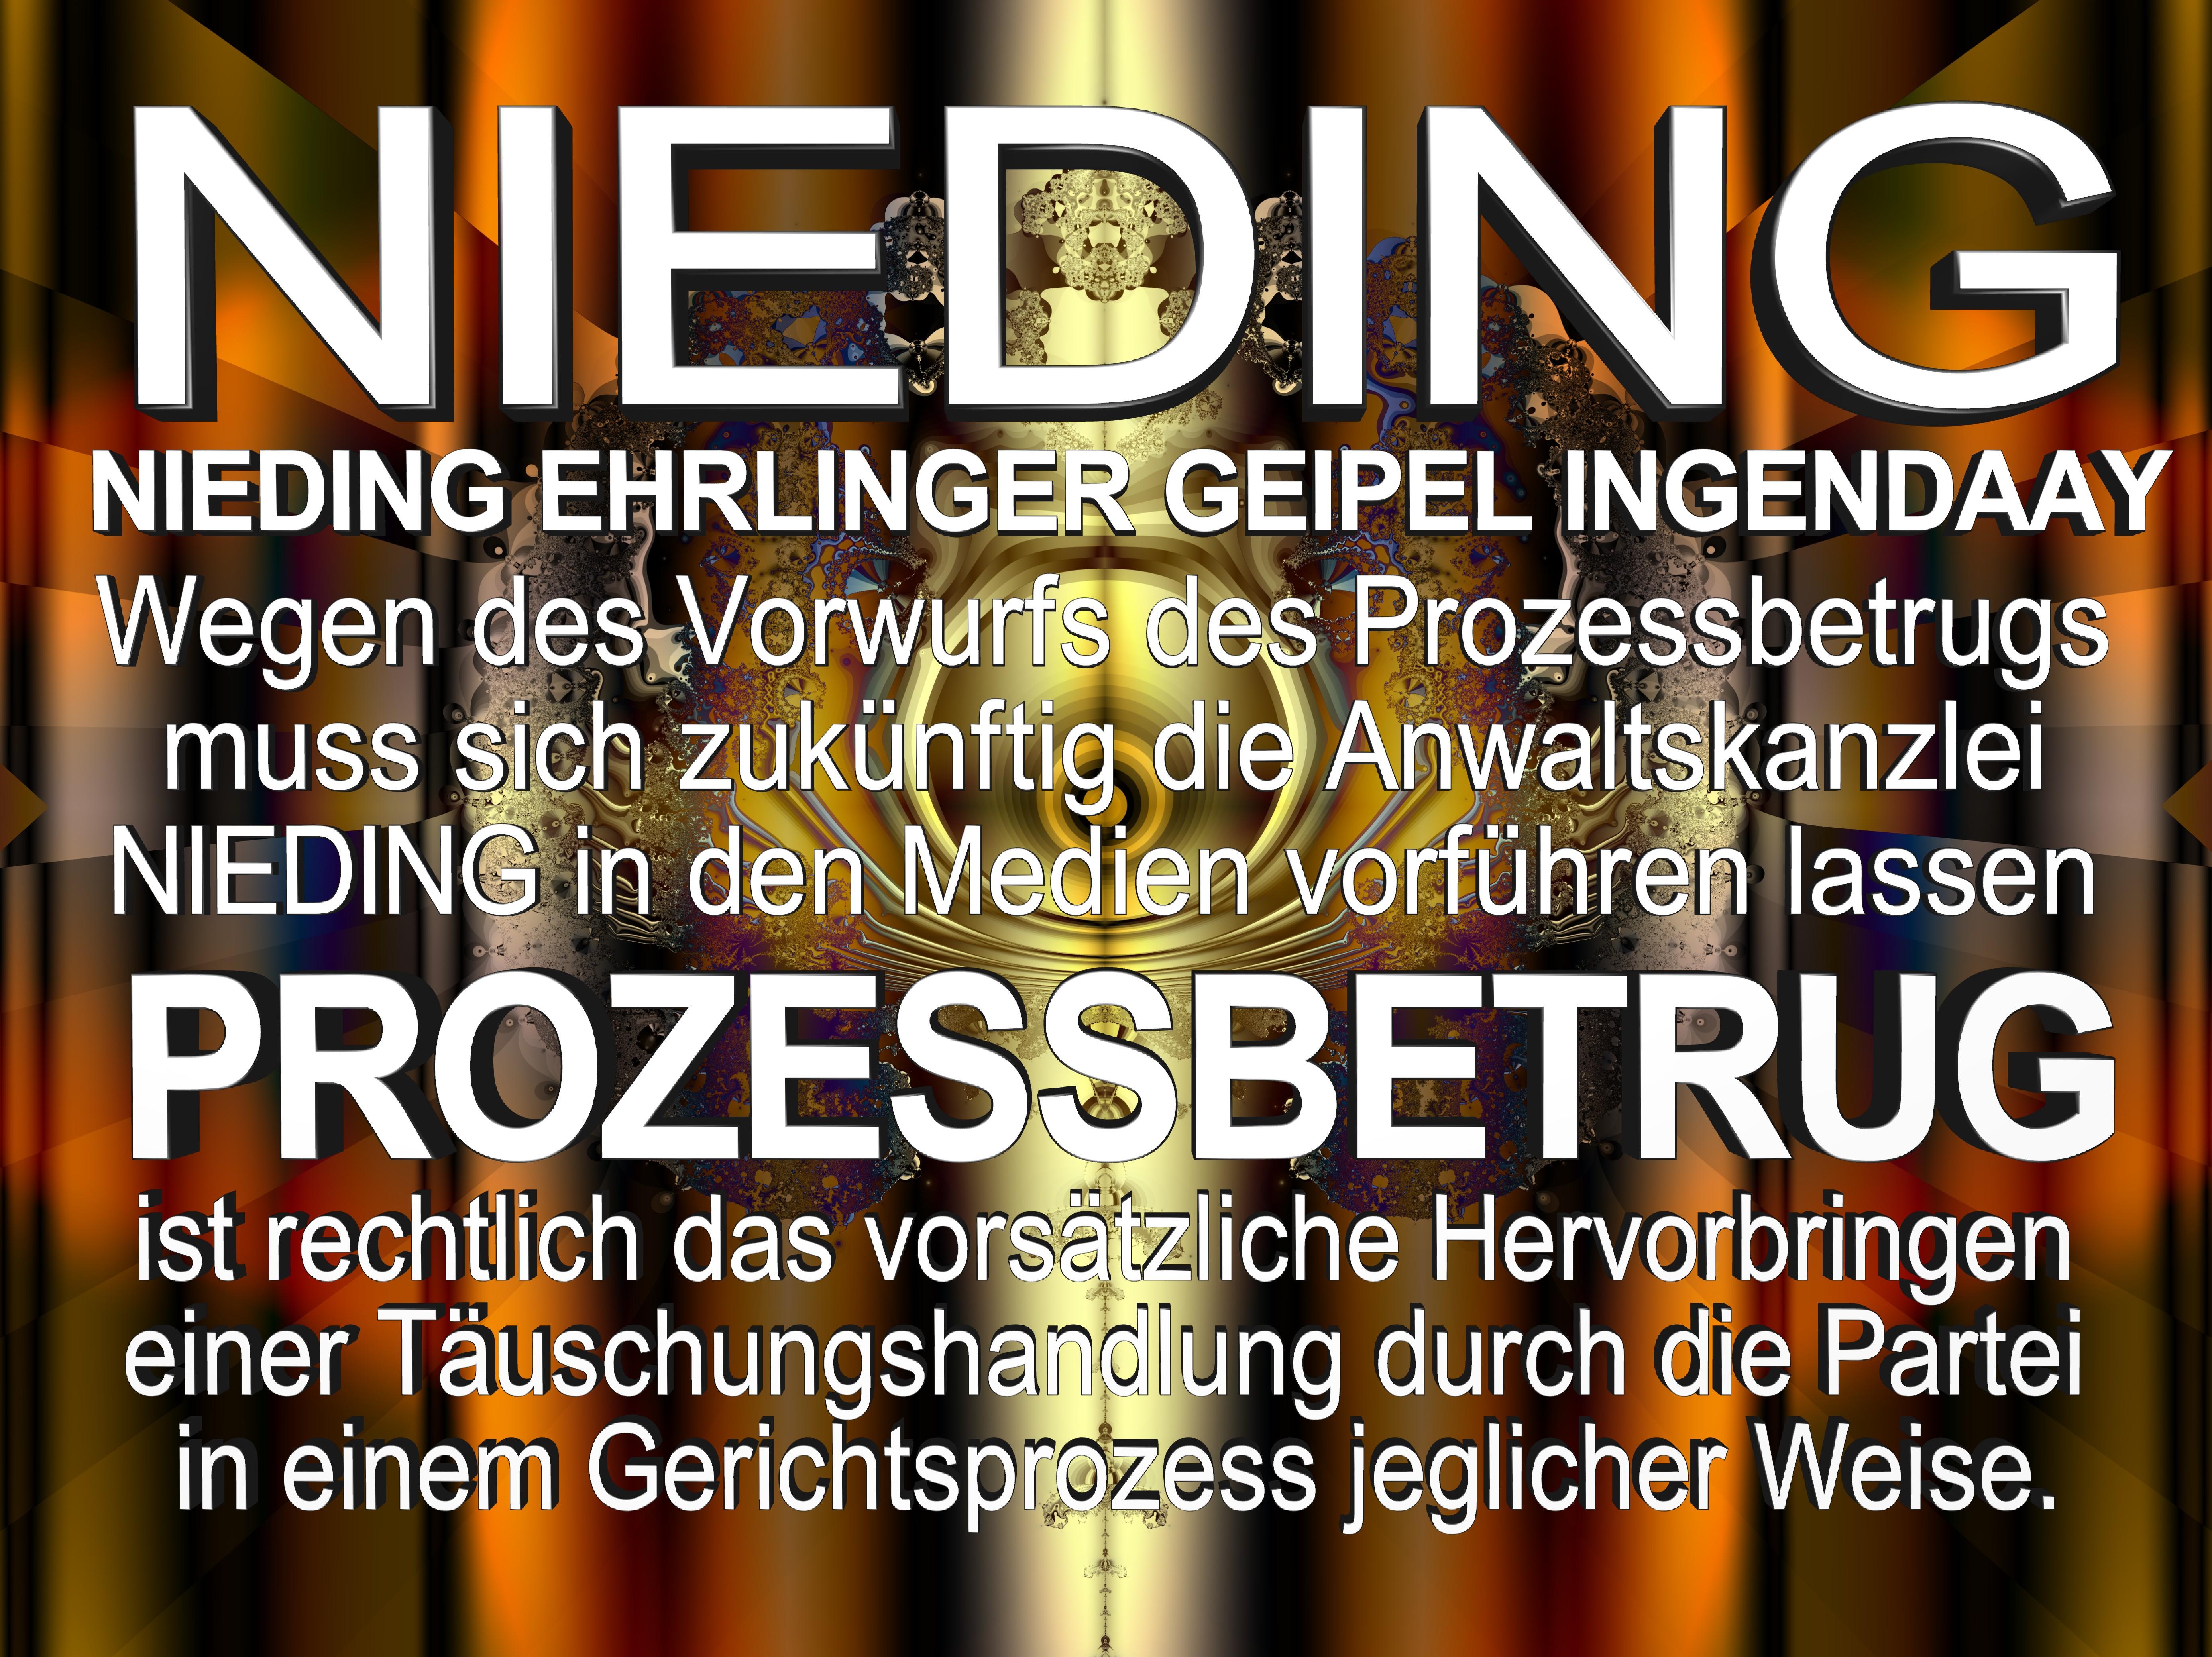 NIEDING EHRLINGER GEIPEL INGENDAAY LELKE Kurfürstendamm 66 Berlin (195)